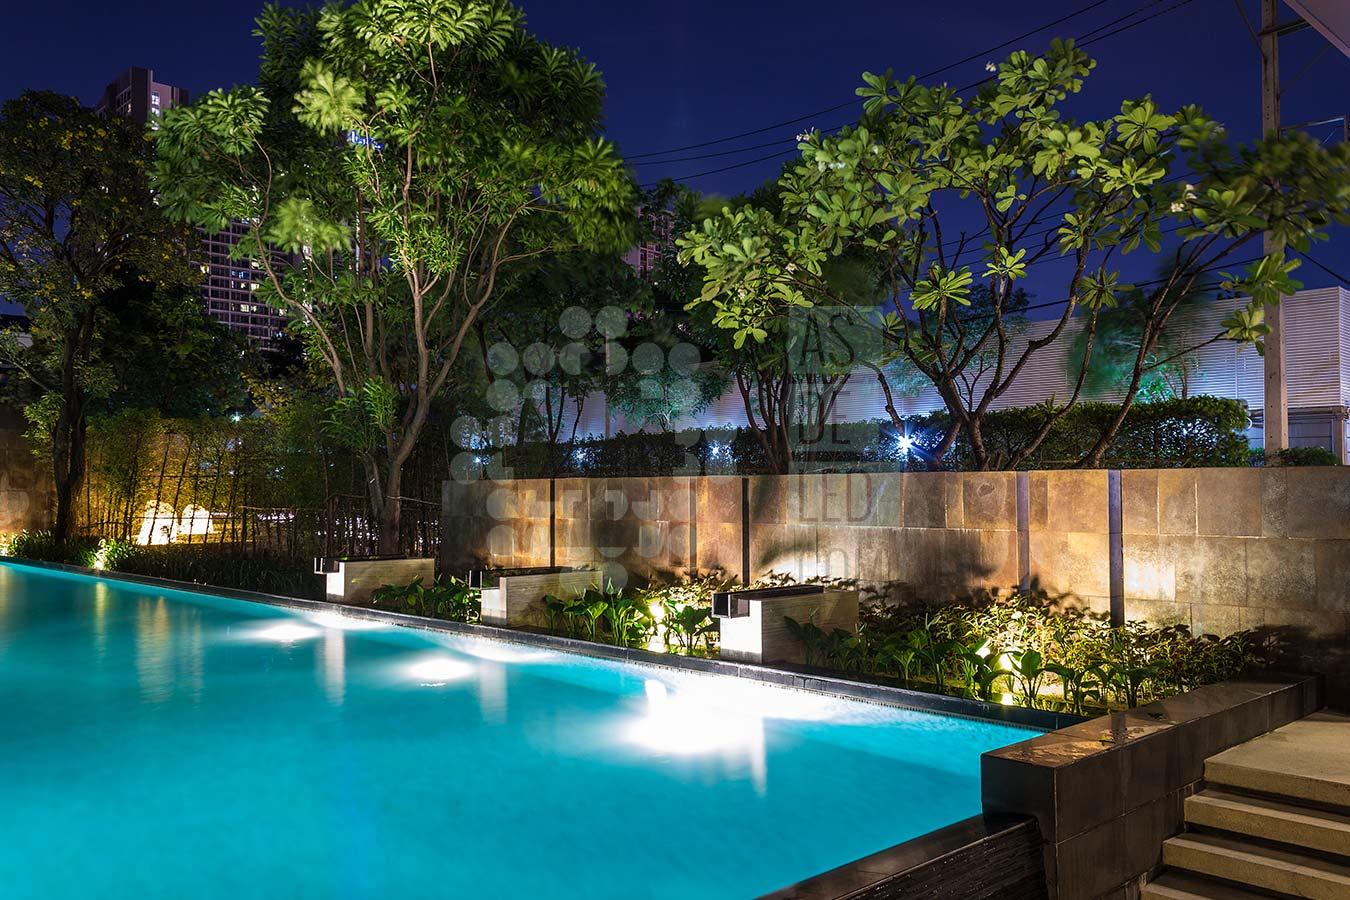 Comprar productos de iluminacion LED para jardines y exterior - Landing